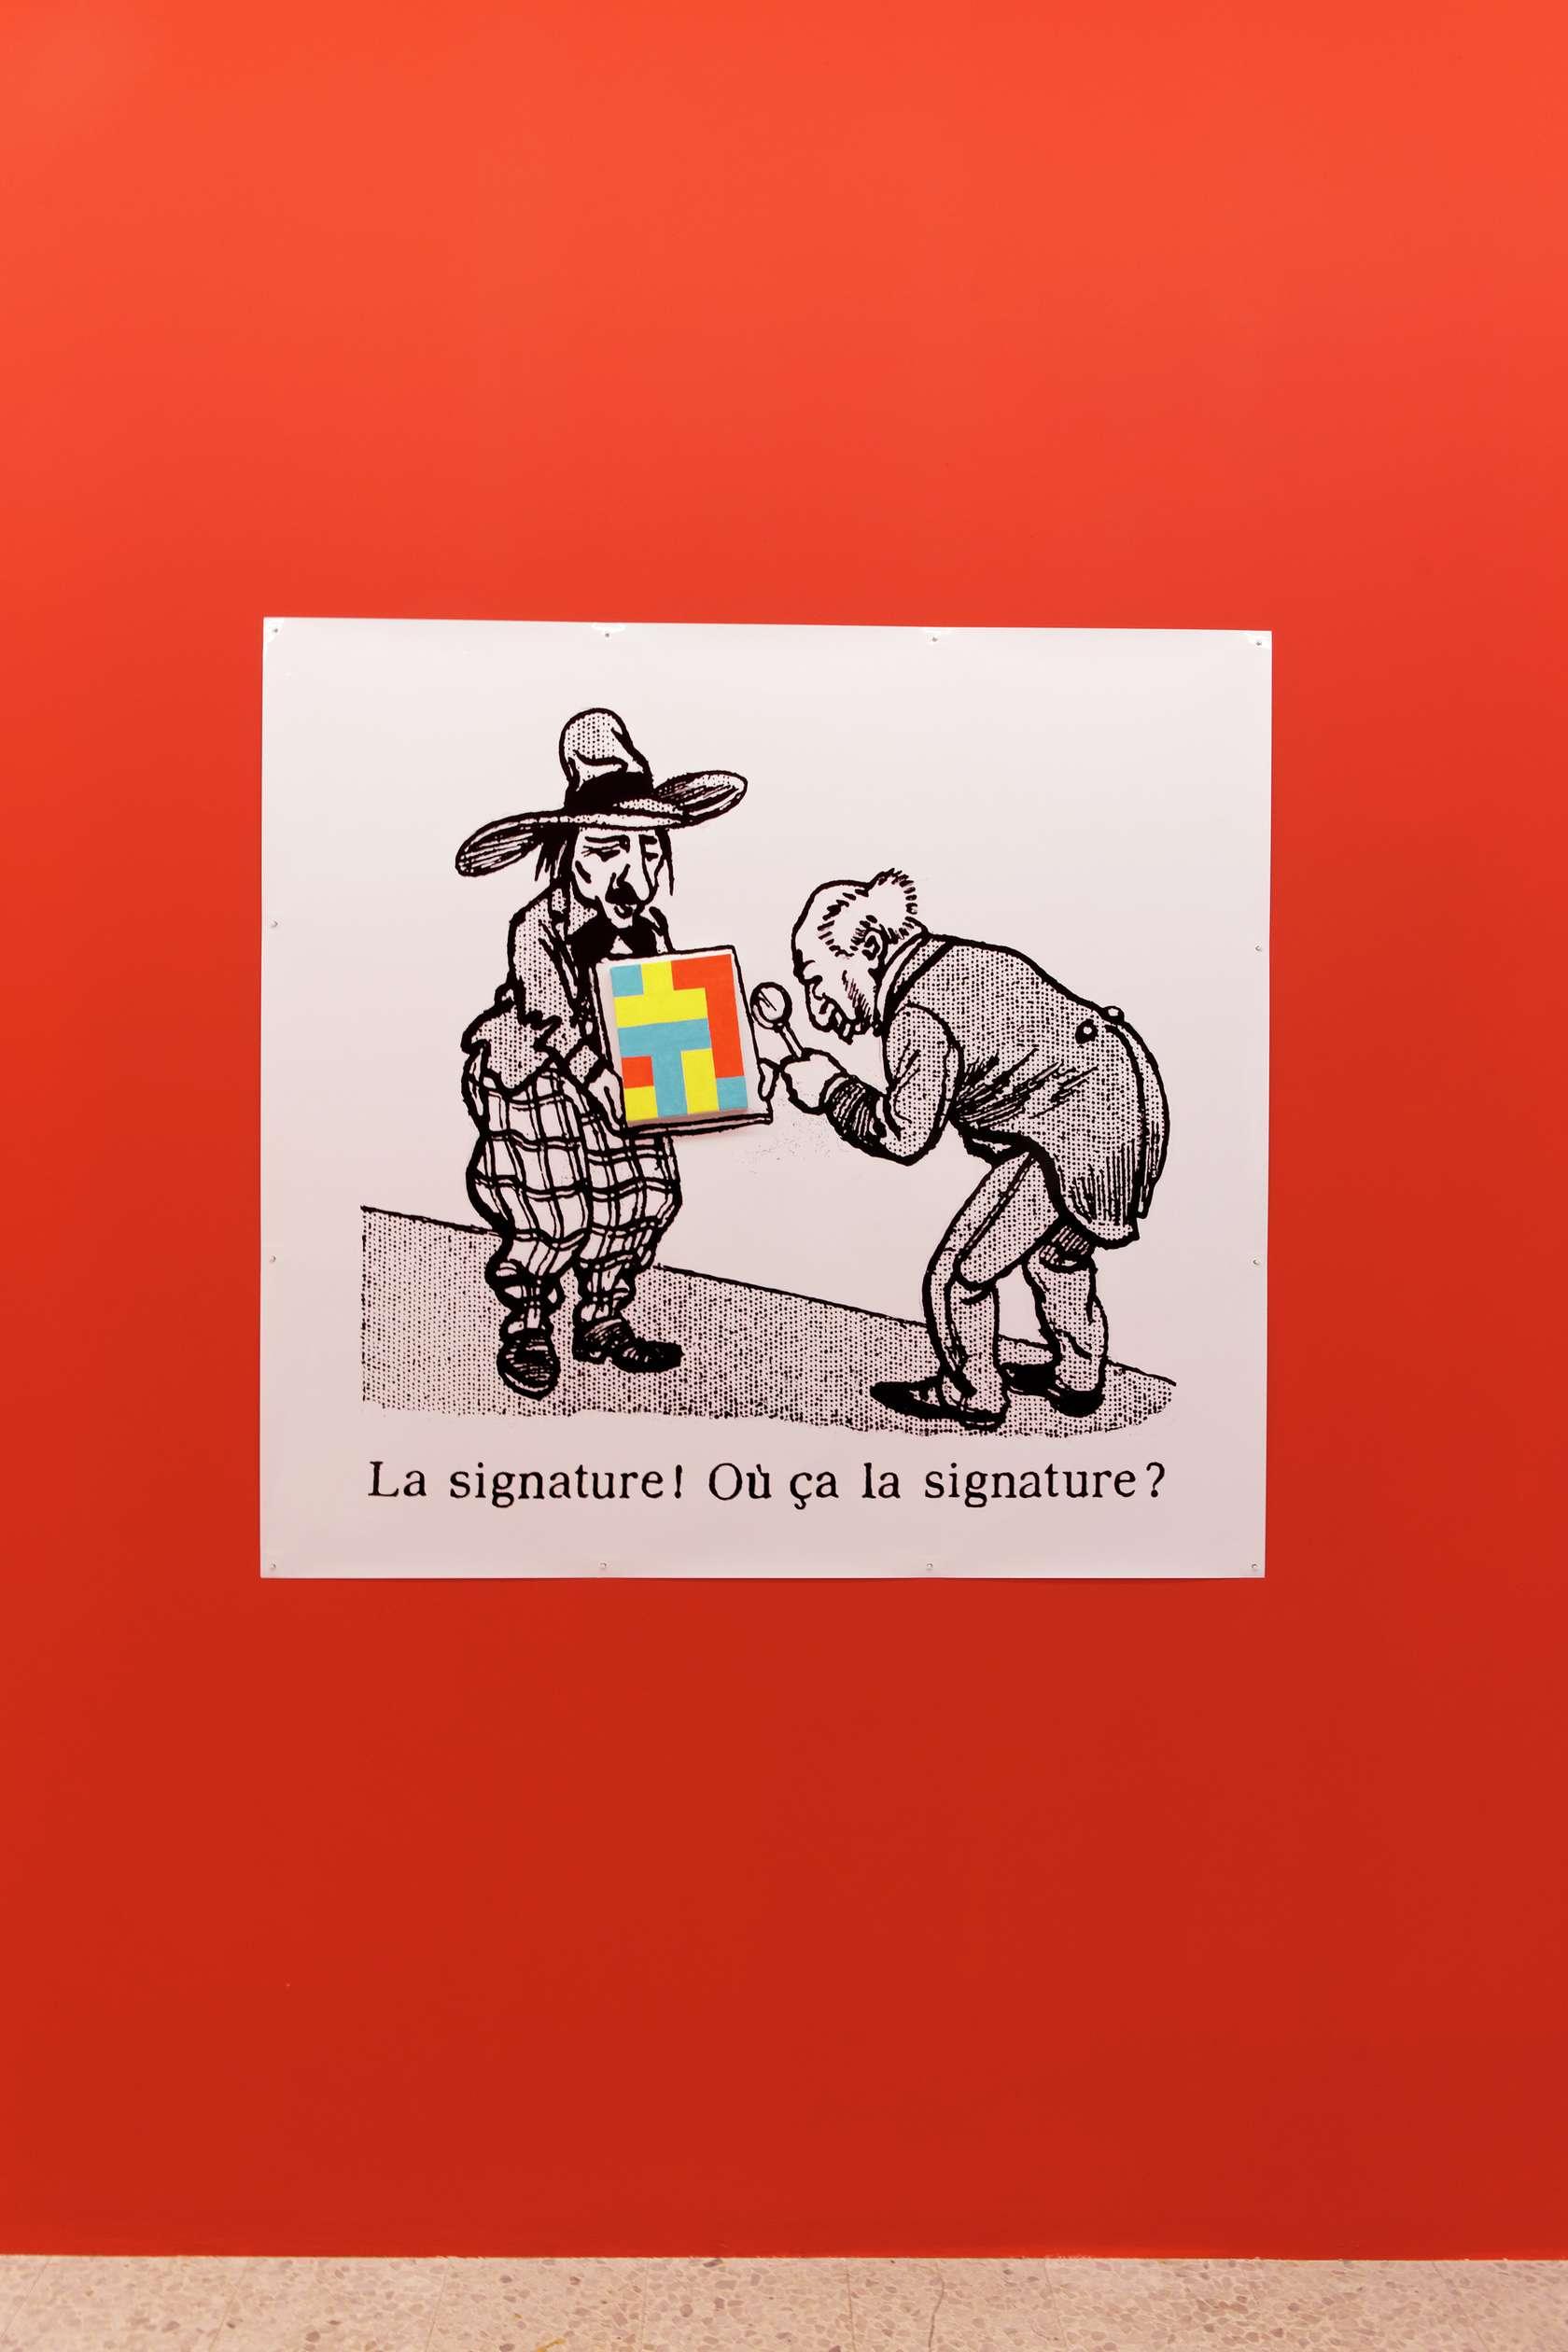 Ernest T., La signature! Où ça la signature?, 1990 Tirage photographique et acrylique sur toile (peinture nulle n°140)131 x 120 x 19 cm / 51 5/8 x 47 2/8 x 7 1/2 inches